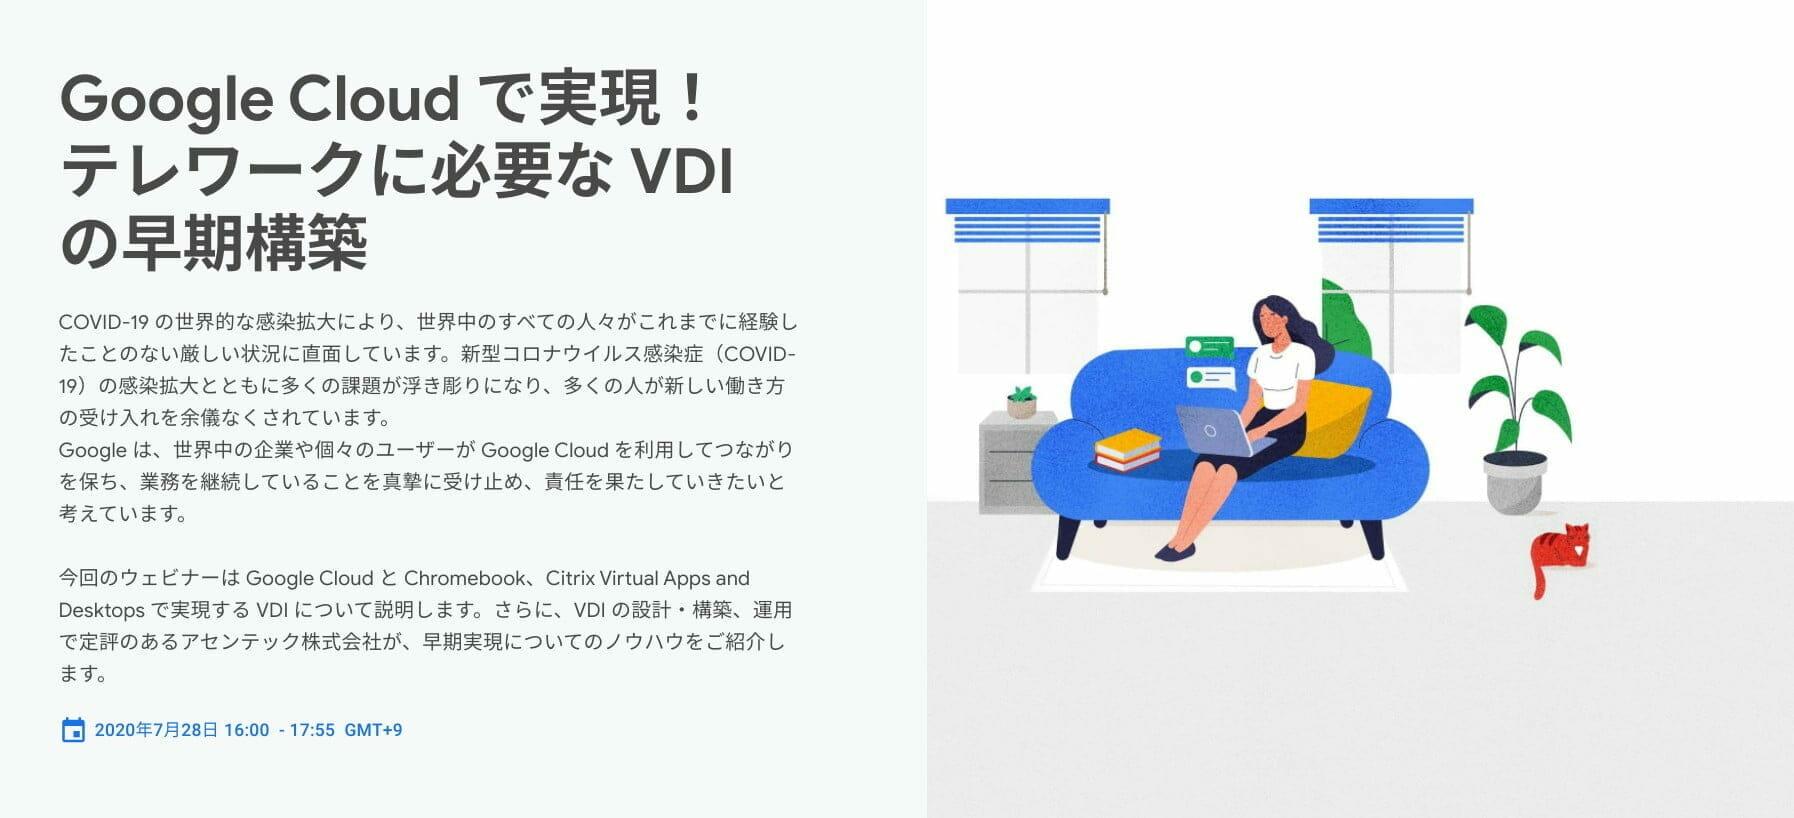 Google Cloud で実現! テレワークに必要な VDI の早期構築